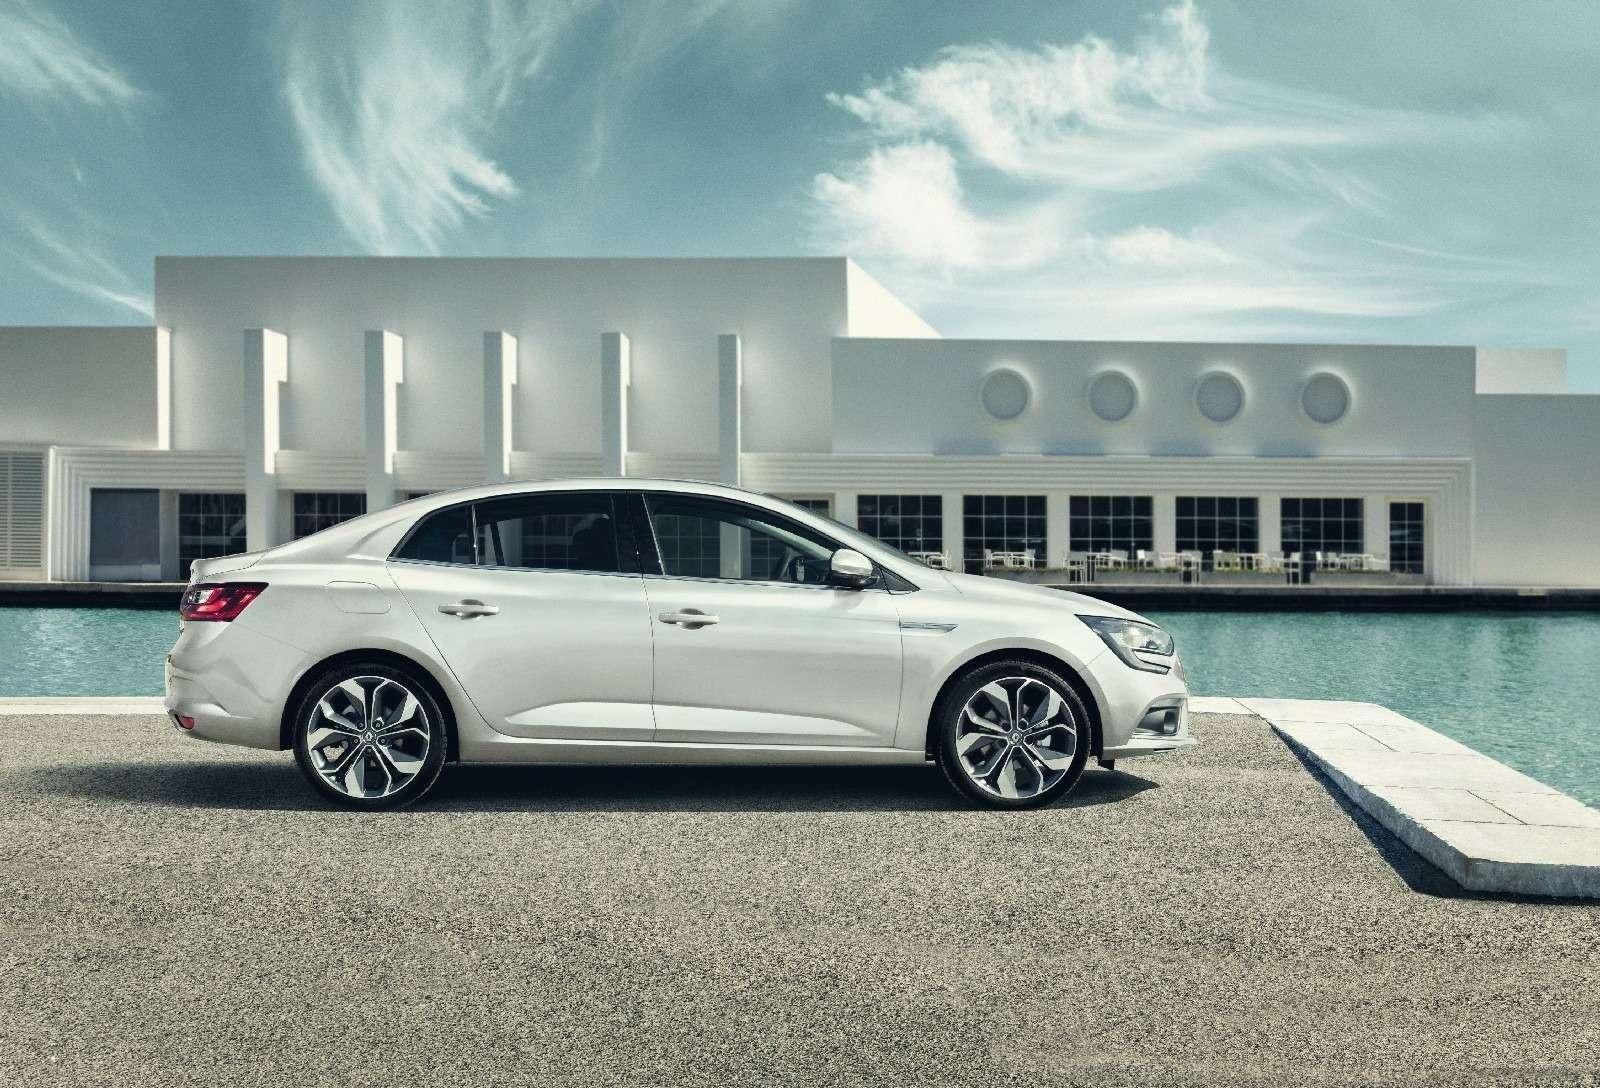 ИзТурции слюбовью: представлен новый седан Renault Megane— фото 607503